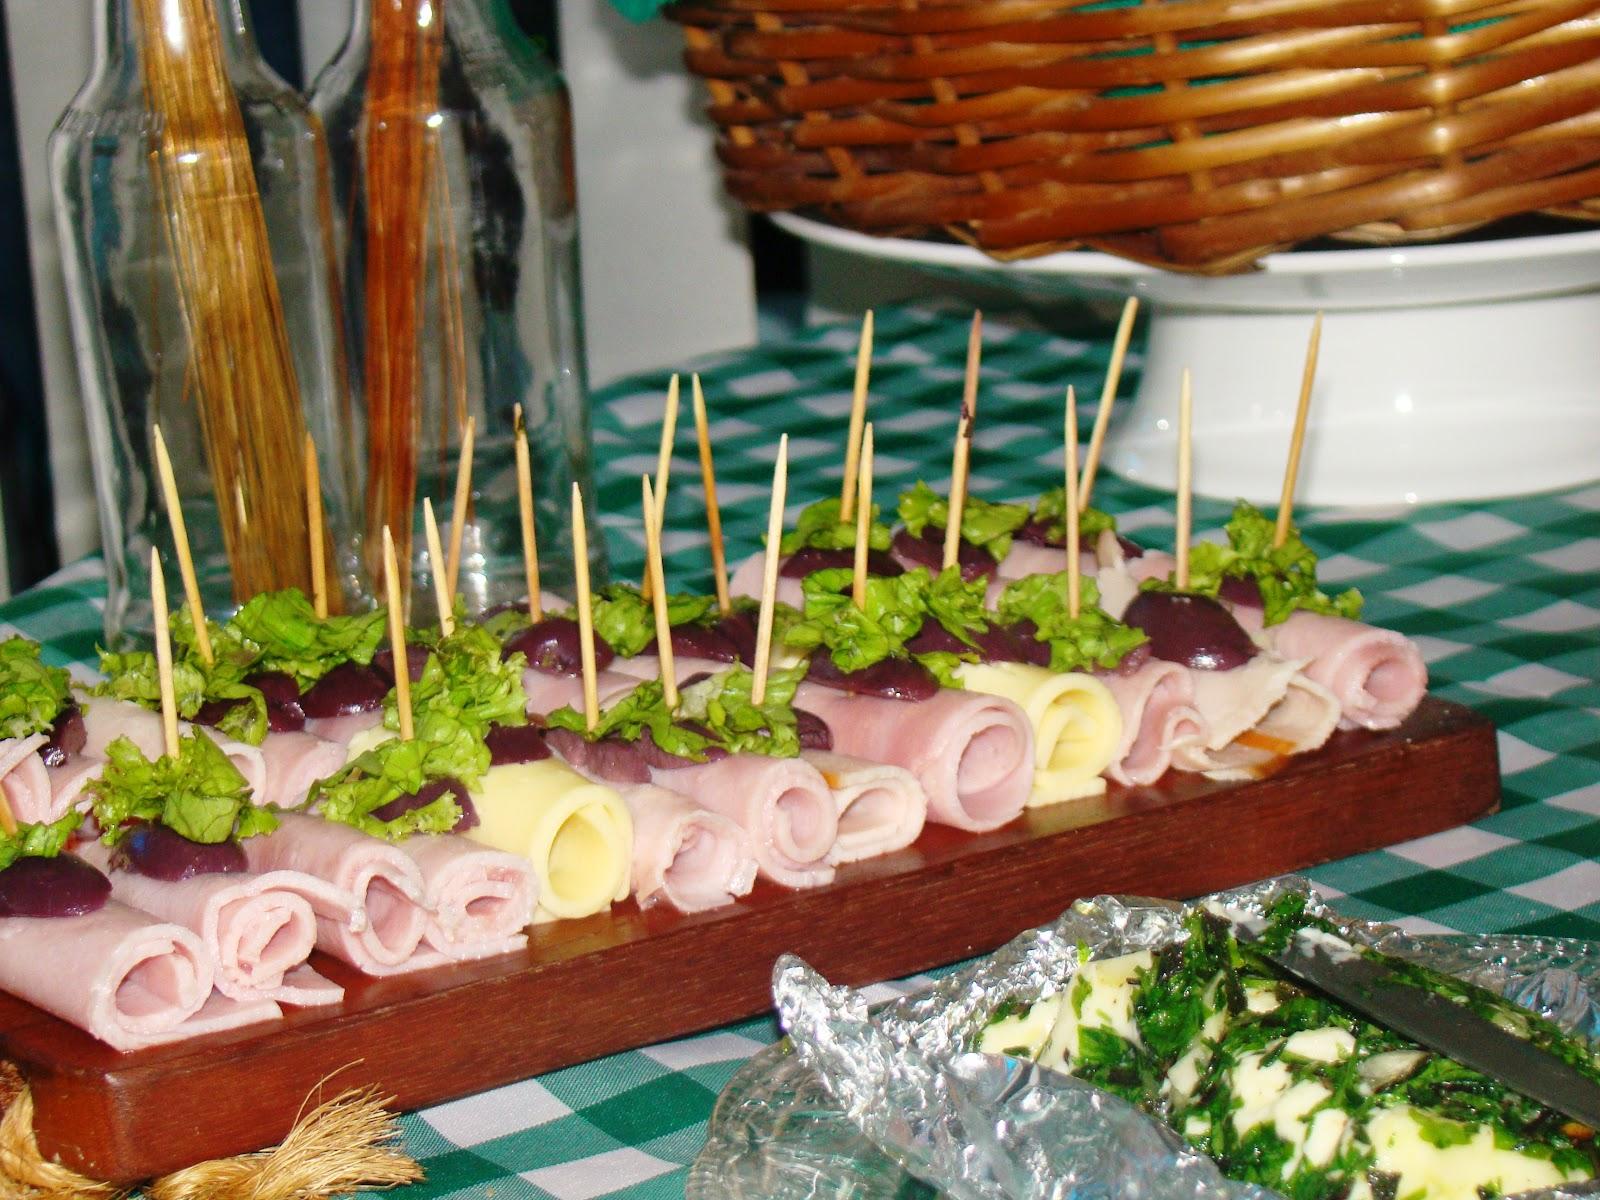 decoracao de mesa boteco : decoracao de mesa boteco:Fusca Rosa: Decoração para uma festa de Buteco